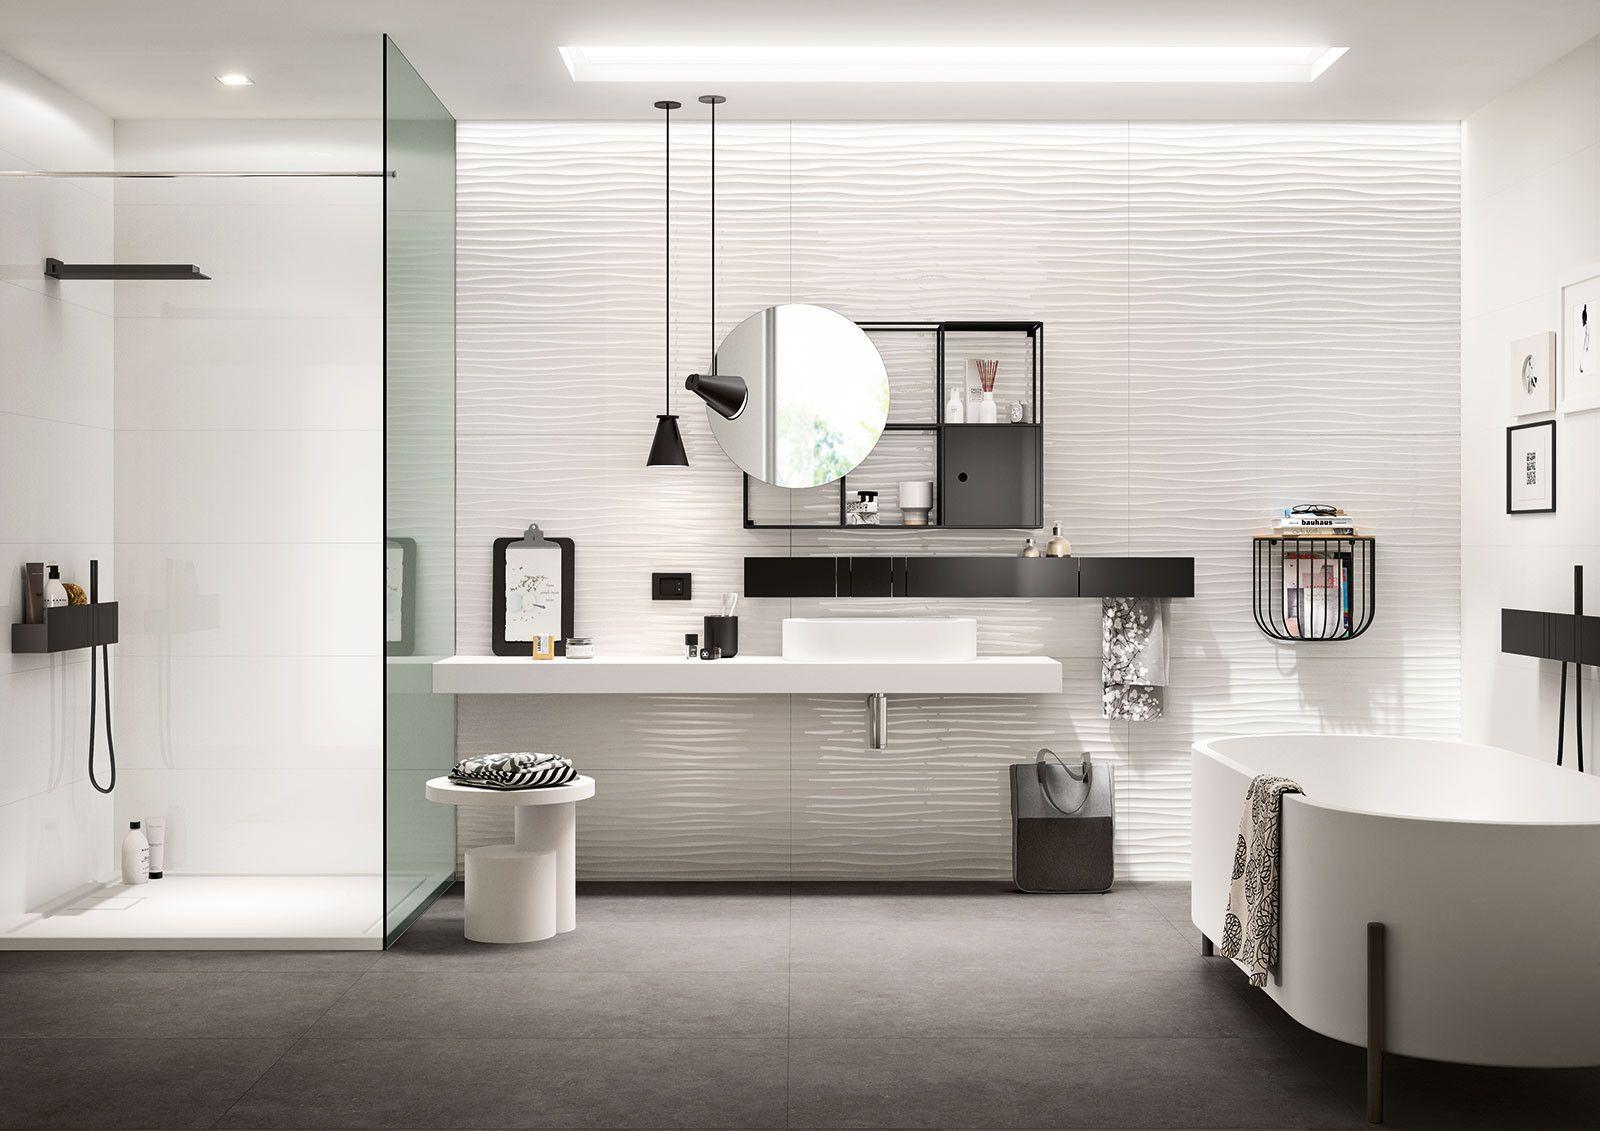 Marazzi Essenziale Lux 40x120 Cm Mmfk Feinsteinzeug Einfarbig 40x120 Im Angebot Auf Bad39 De 5 Badezimmer Design Badezimmer Dekor Modernes Badezimmer